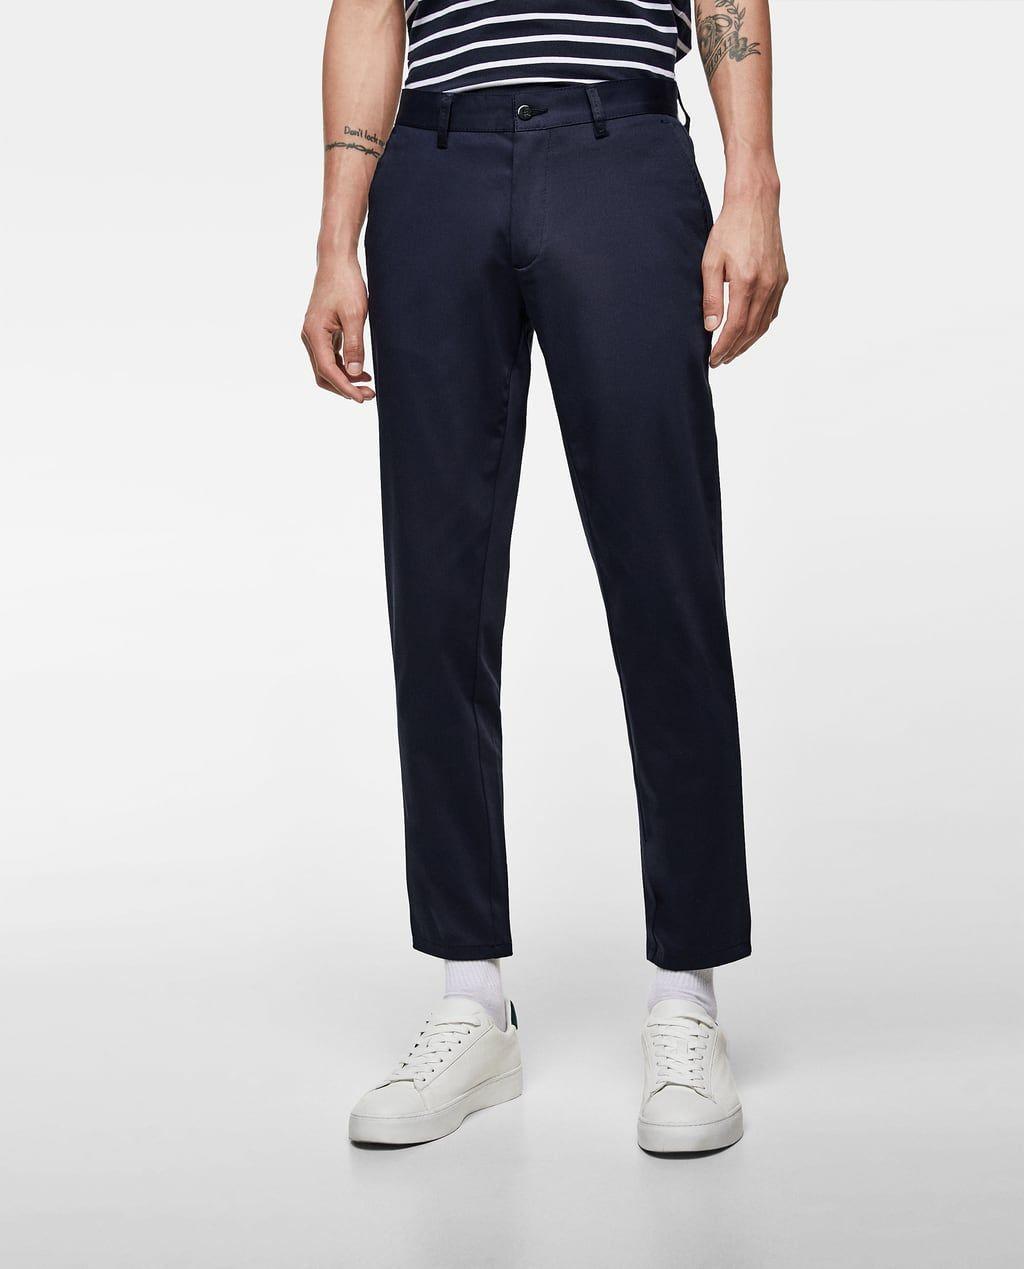 estilo clásico de 2019 baratas para descuento completamente elegante Image 2 of CROPPED SLIM FIT CHINO PANTS from Zara | Wardrobe ...